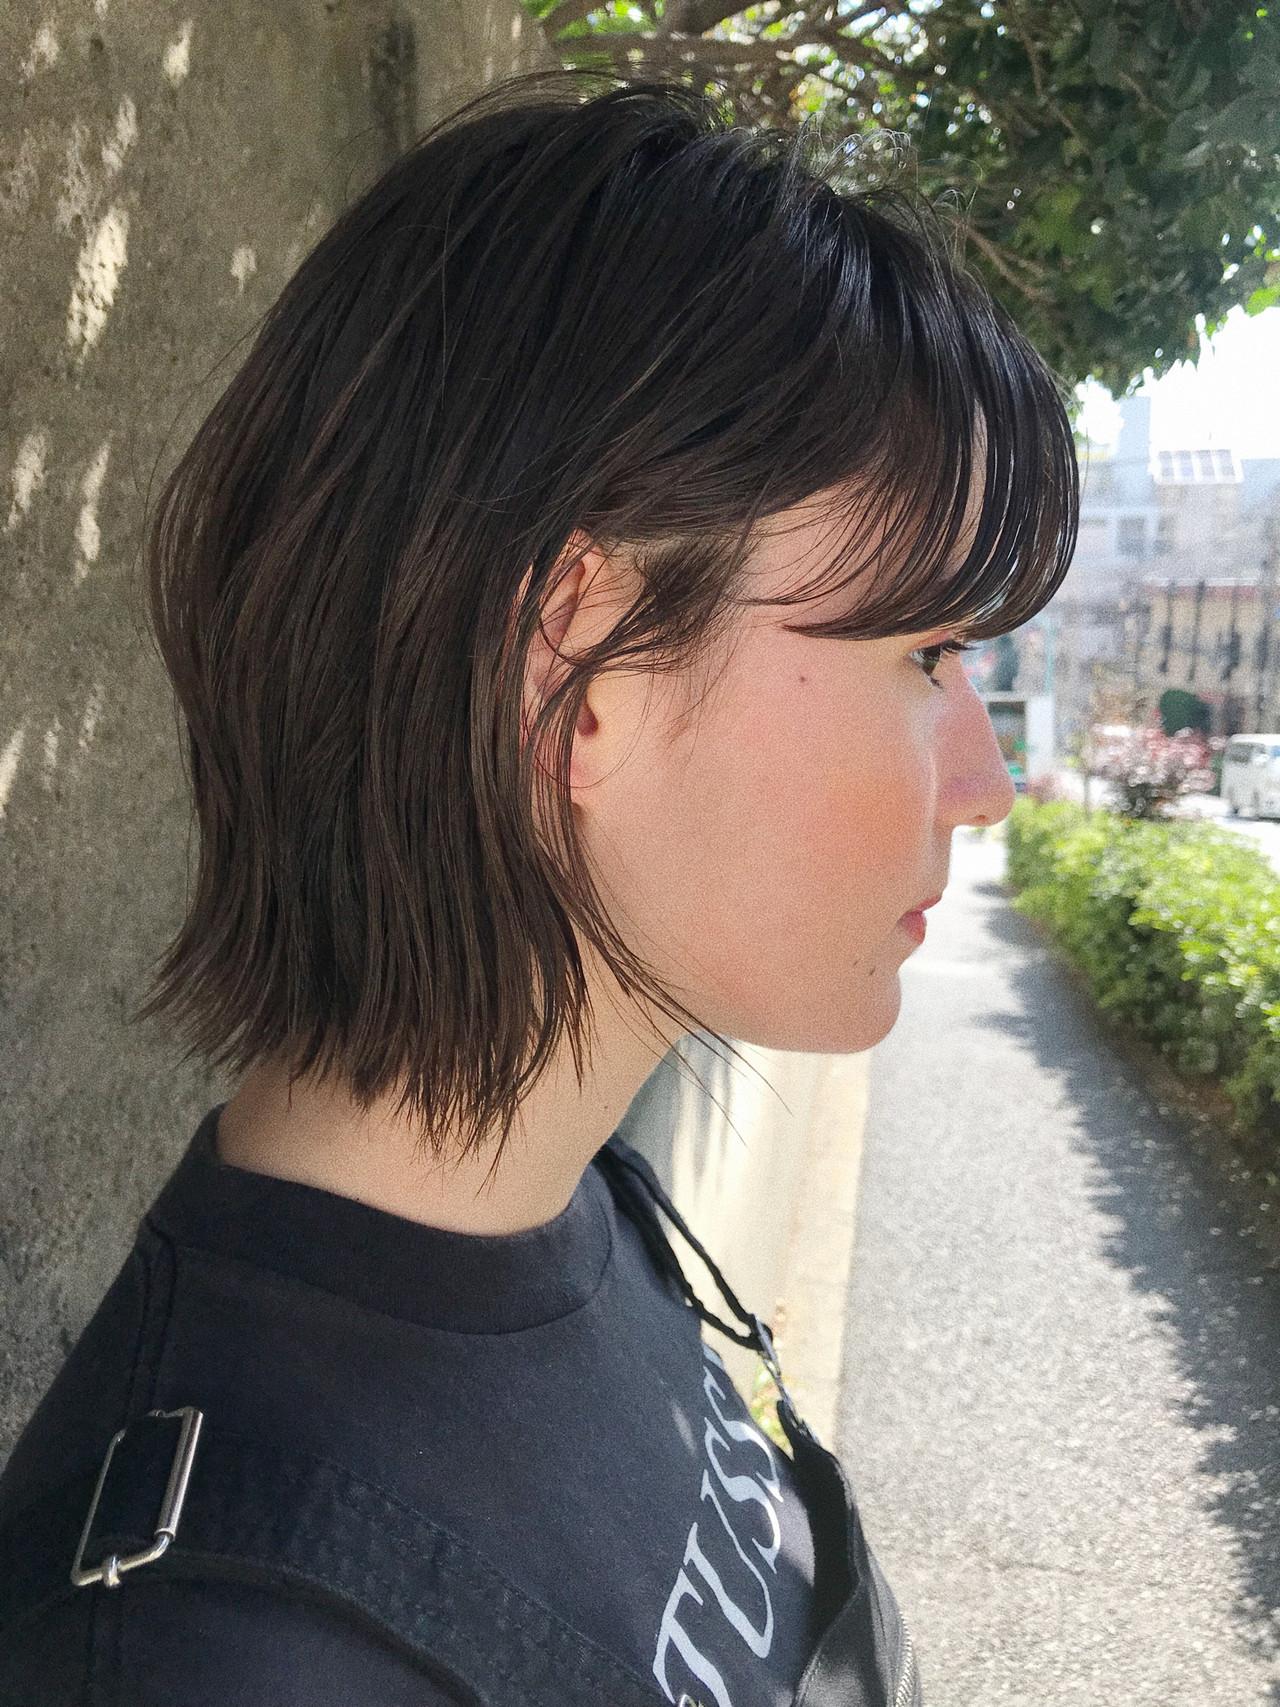 黒髪 ナチュラル 大人かわいい 抜け感 ヘアスタイルや髪型の写真・画像